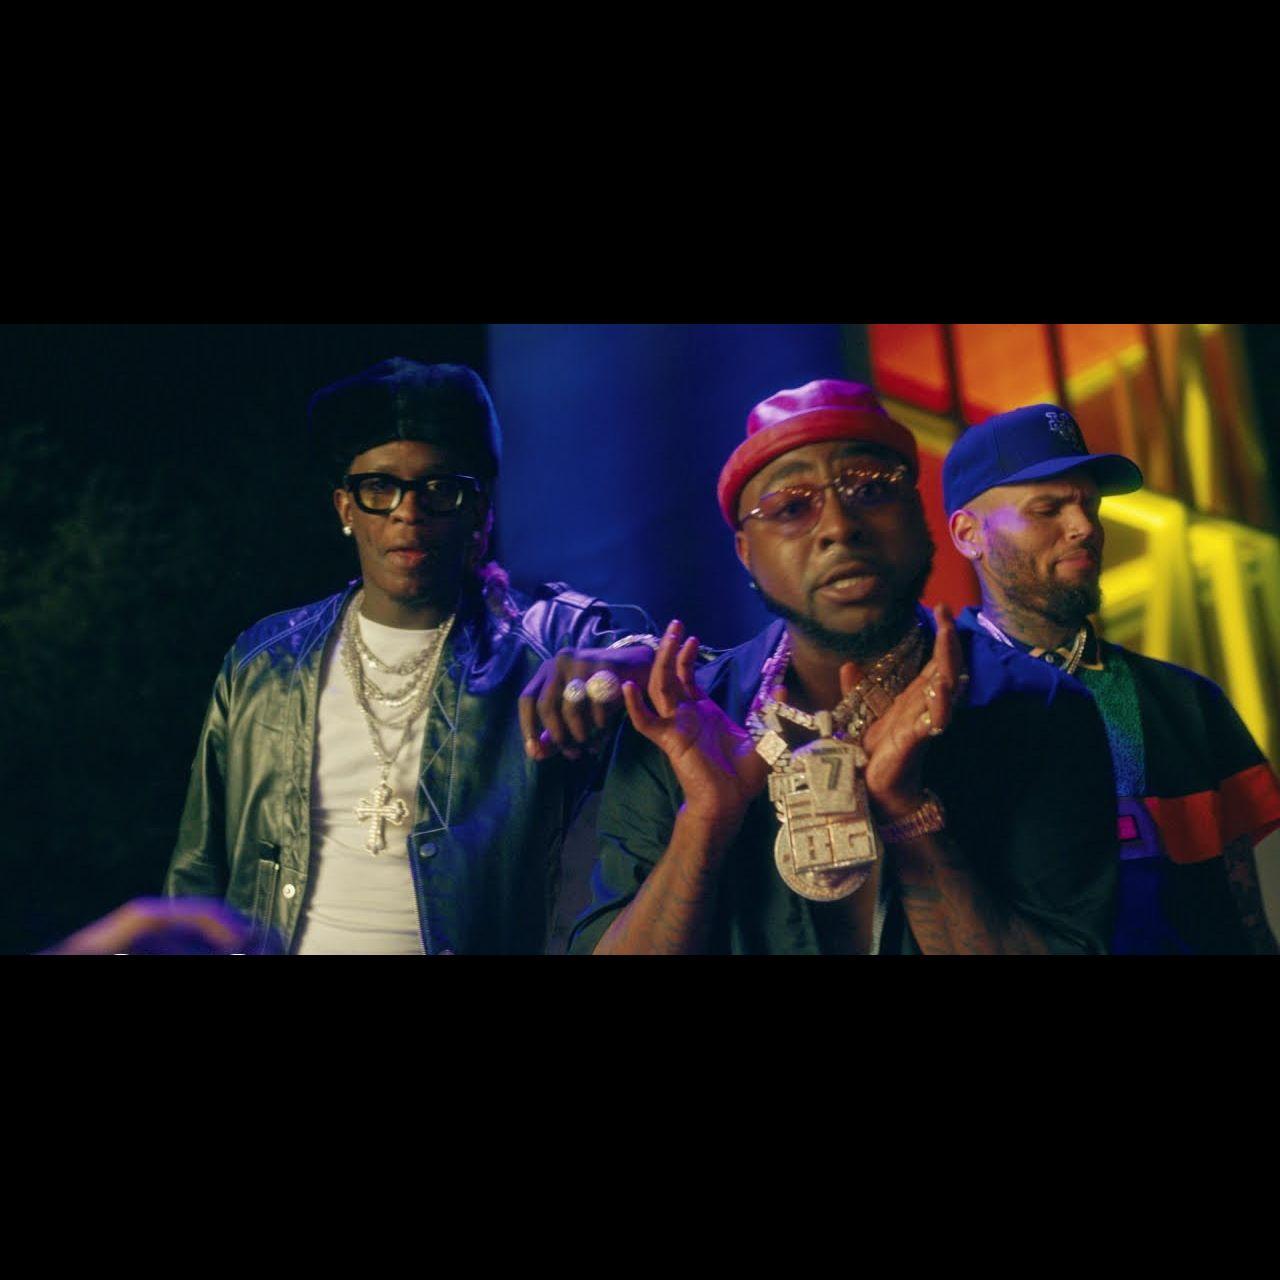 Davido - Shopping Spree (ft. Chris Brown and Young Thug) (Thumbnail)